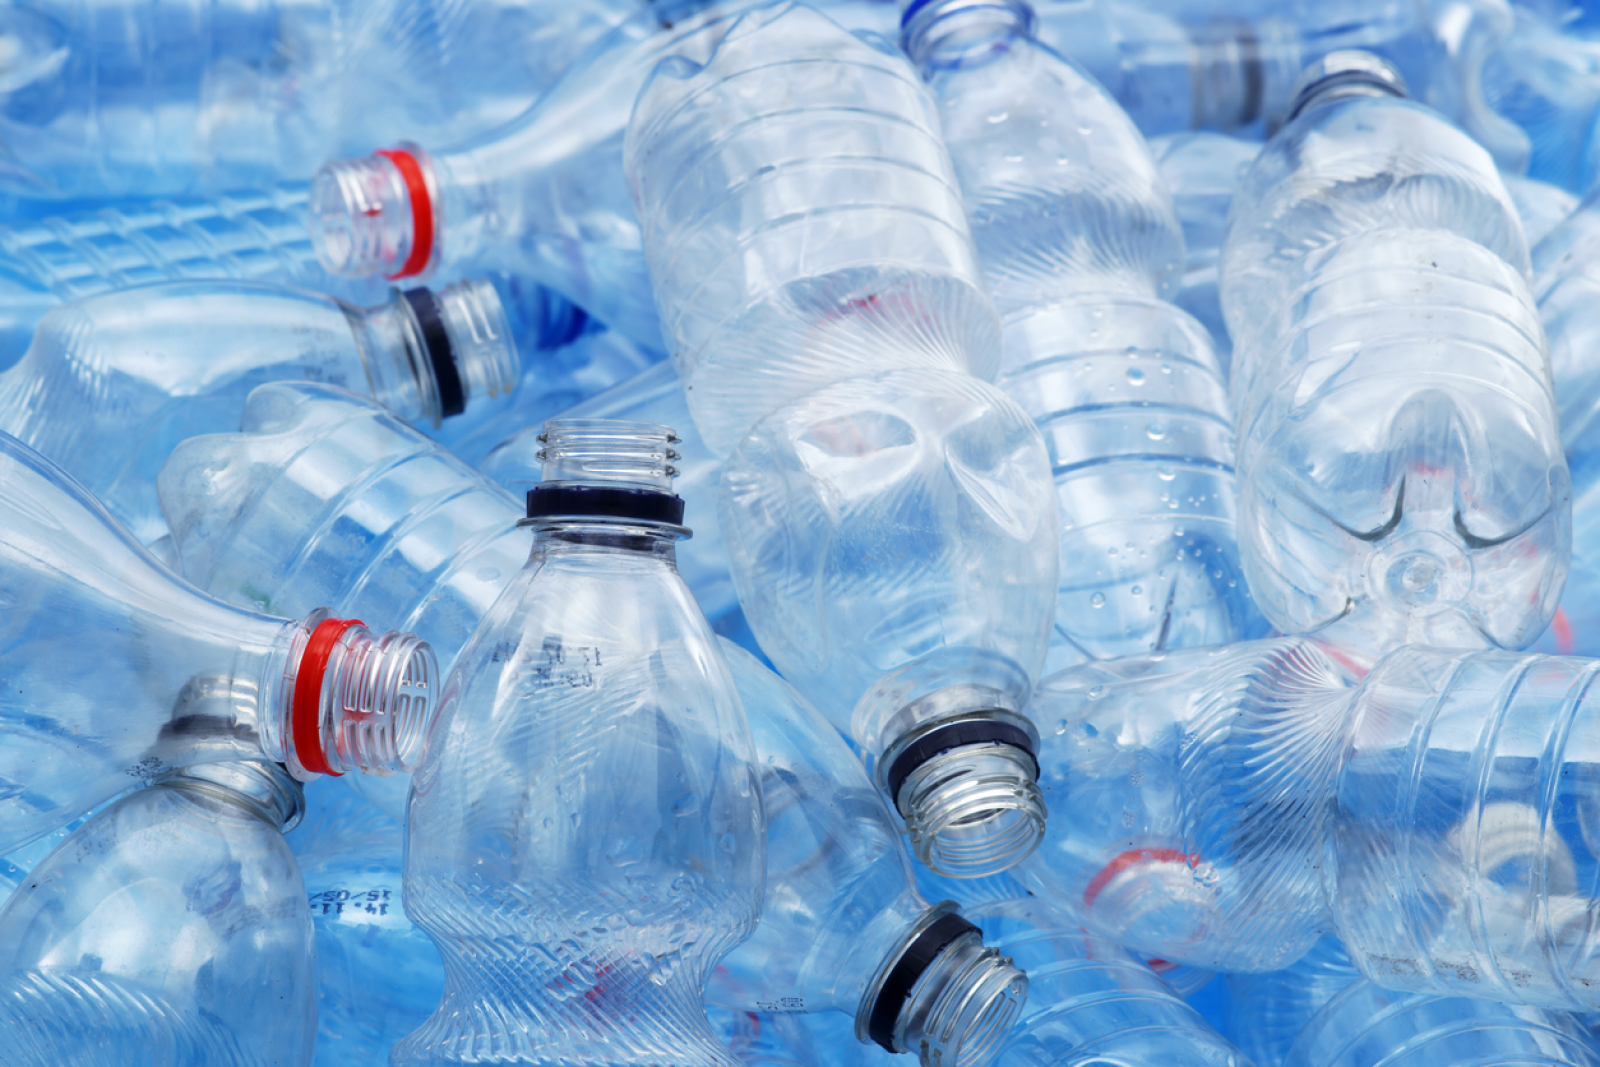 Ахуйн хэрэглээнд хуванцар сав хэрэглэхгүй байхыг уриалав